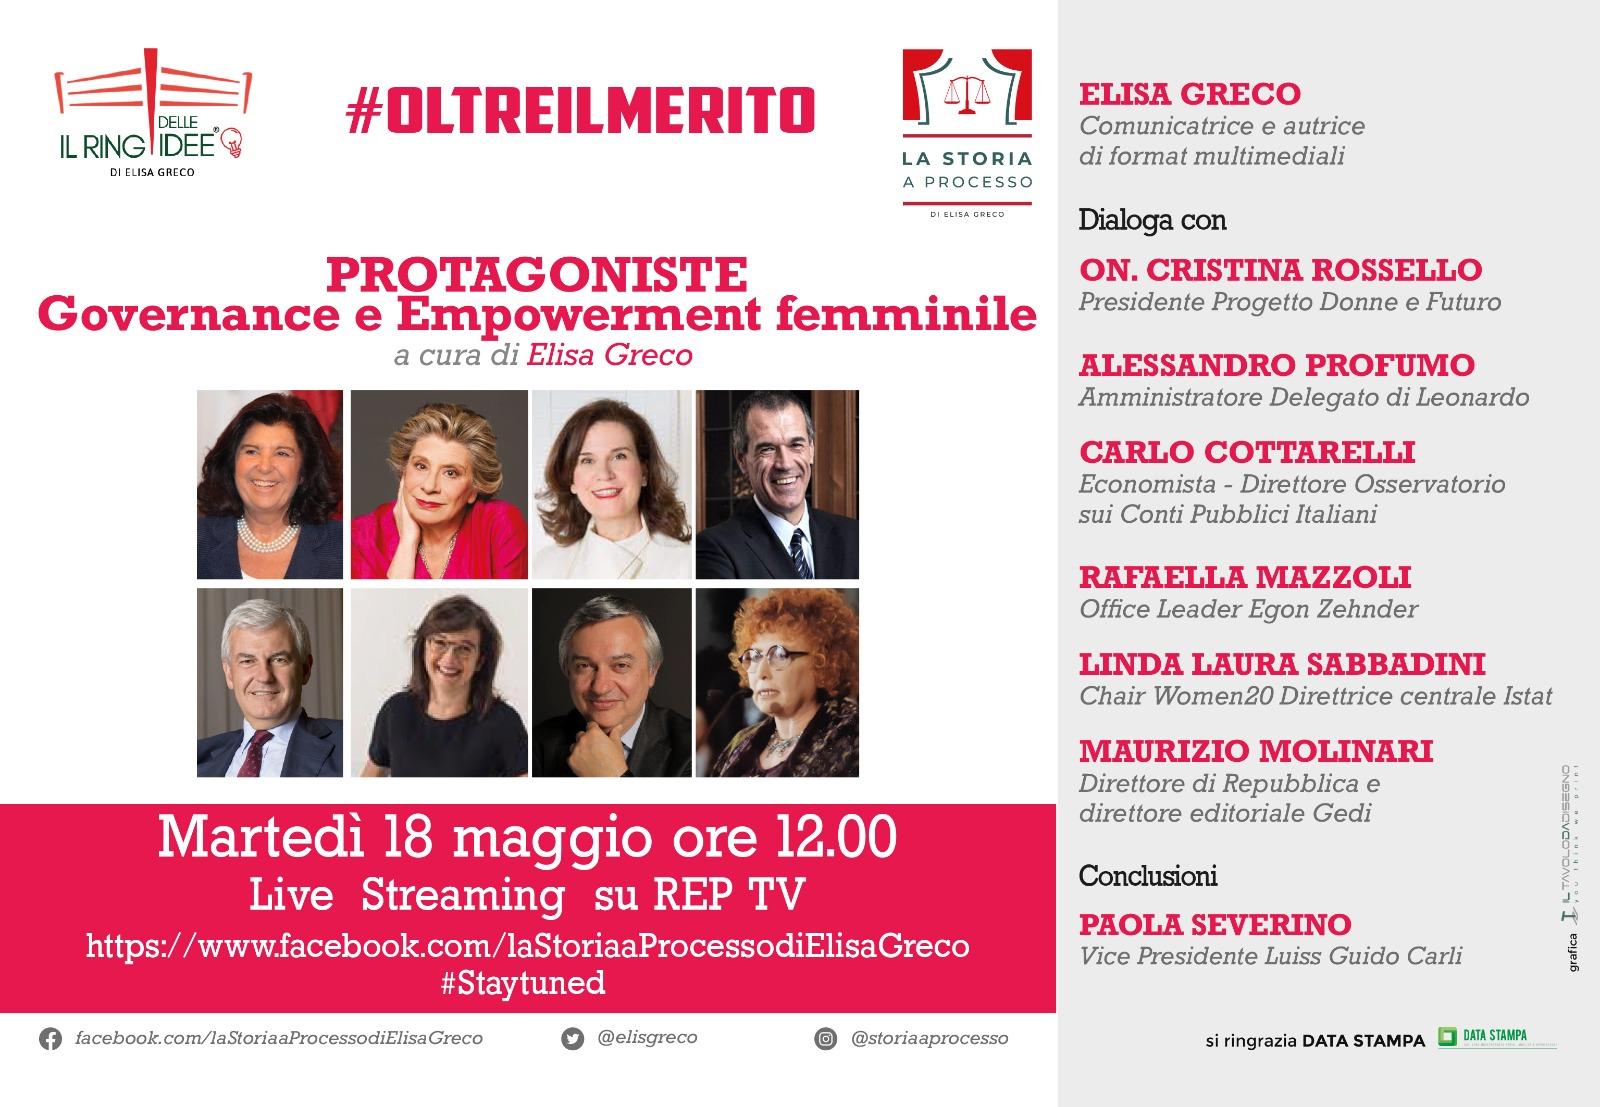 """Protagoniste """"Governance e Empowerment femminile"""" a cura di Elisa Greco - 18 maggio 2021 – ore 12 - Live Streaming su REPTV e sulla pagina facebook del Ring delle Idee"""